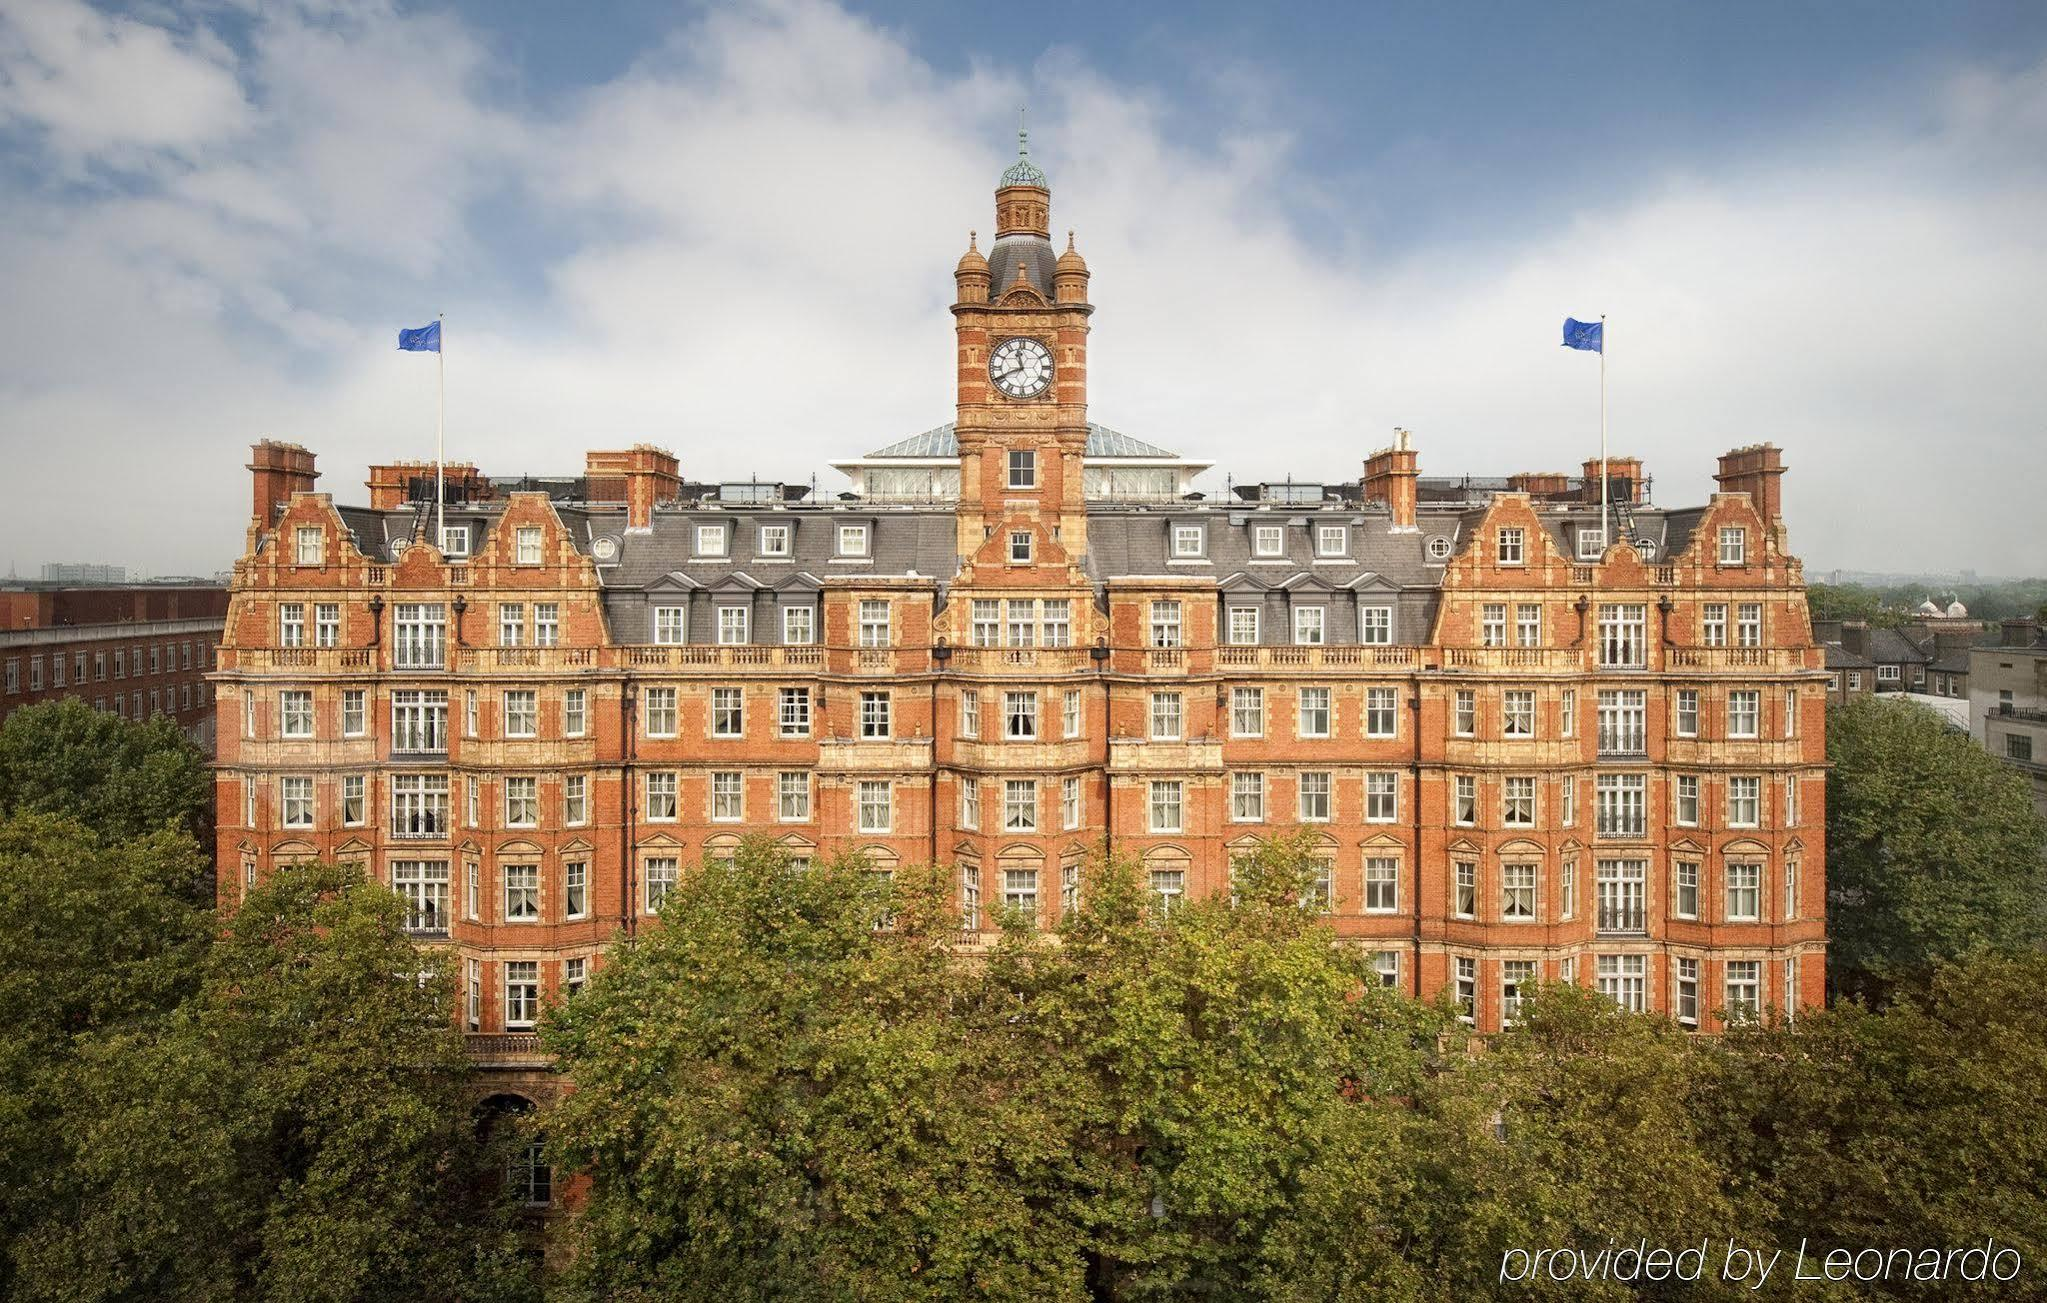 The Landmark London